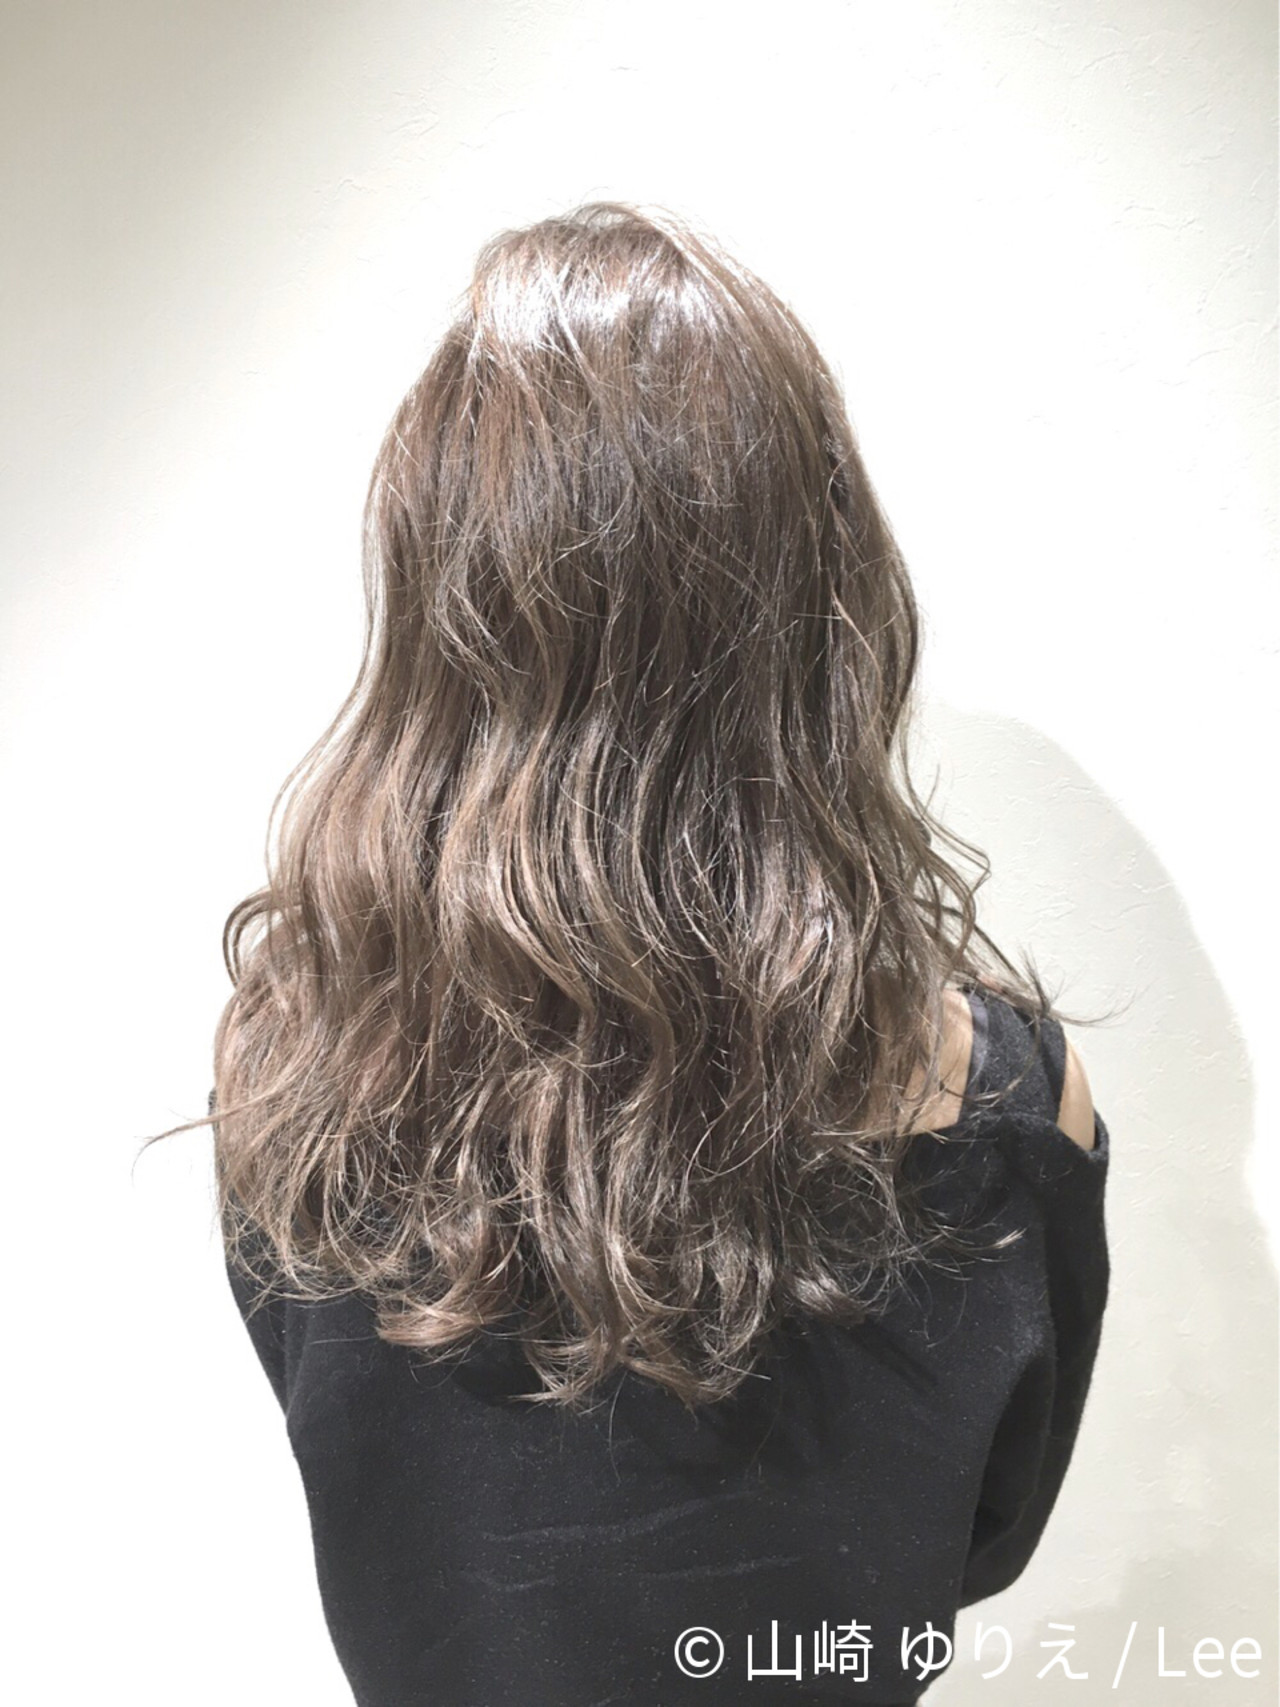 外国人風 ロング 暗髪 ストリート ヘアスタイルや髪型の写真・画像 | 山崎 ゆりえ / Lee / lee東大阪